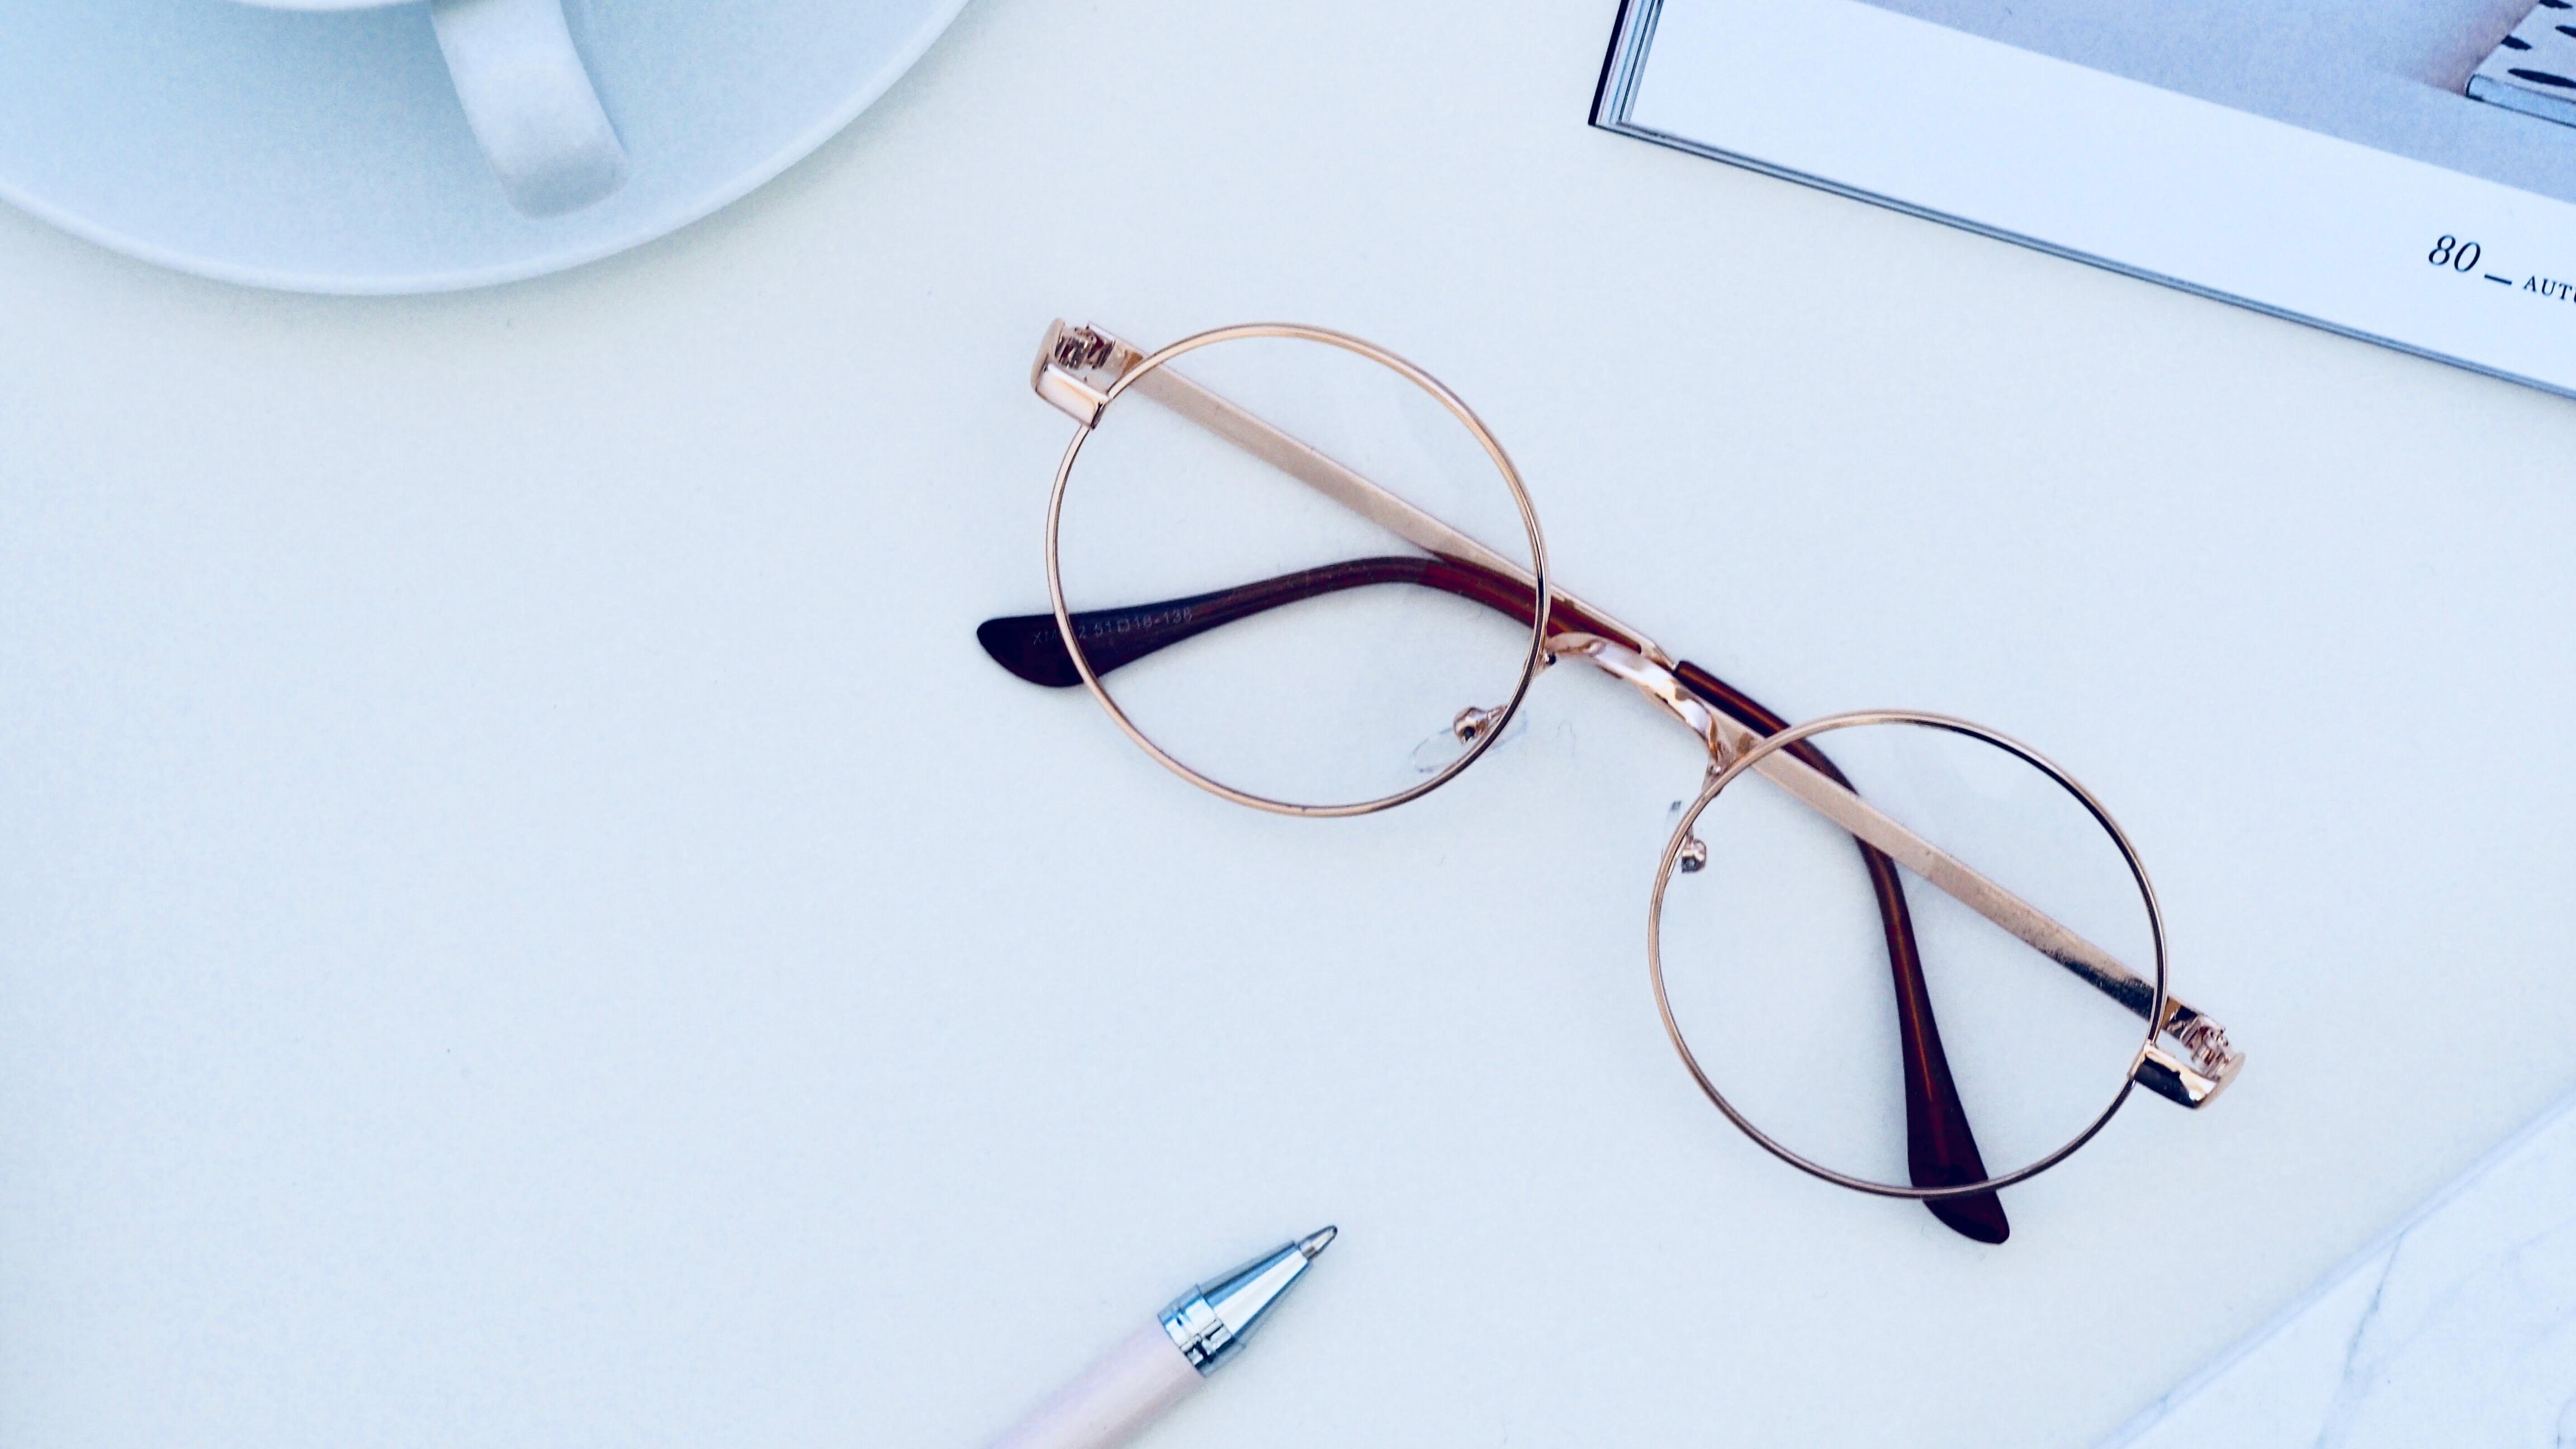 Brille richtig reinigen: Diese Fehler sollten Sie vermeiden